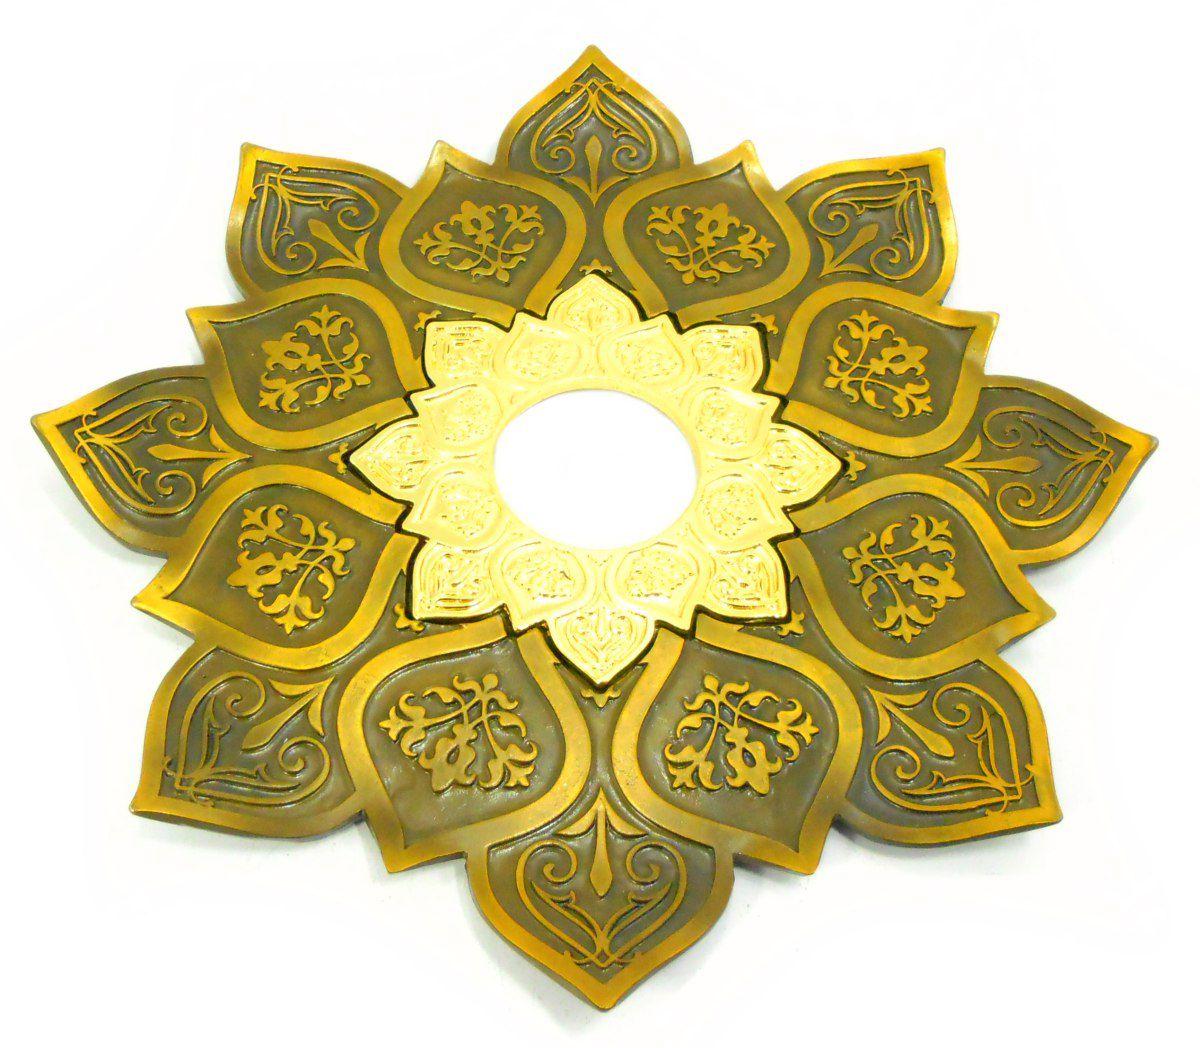 Prato para narguile mod. Athenas 23cm em liga metálica inox e decorado. Cor OURO VELHO. Centro Dourado